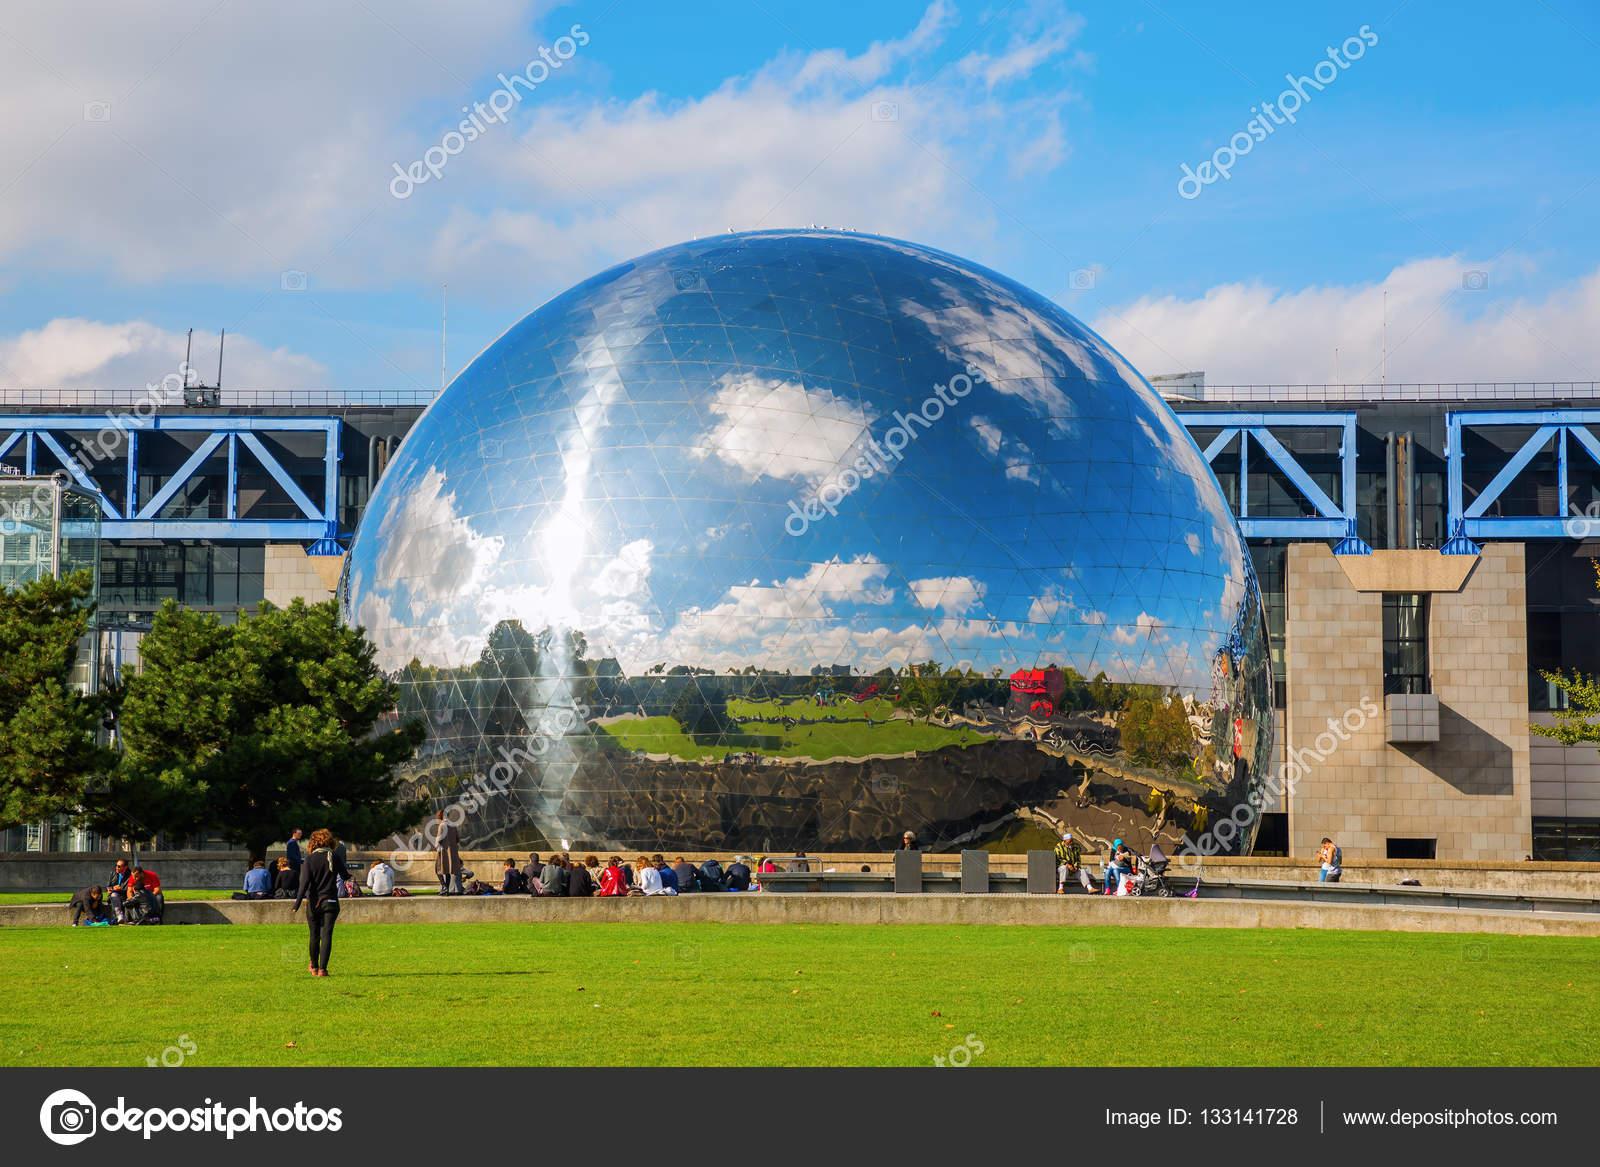 La geode in the parc de la villette paris france for Foto villette